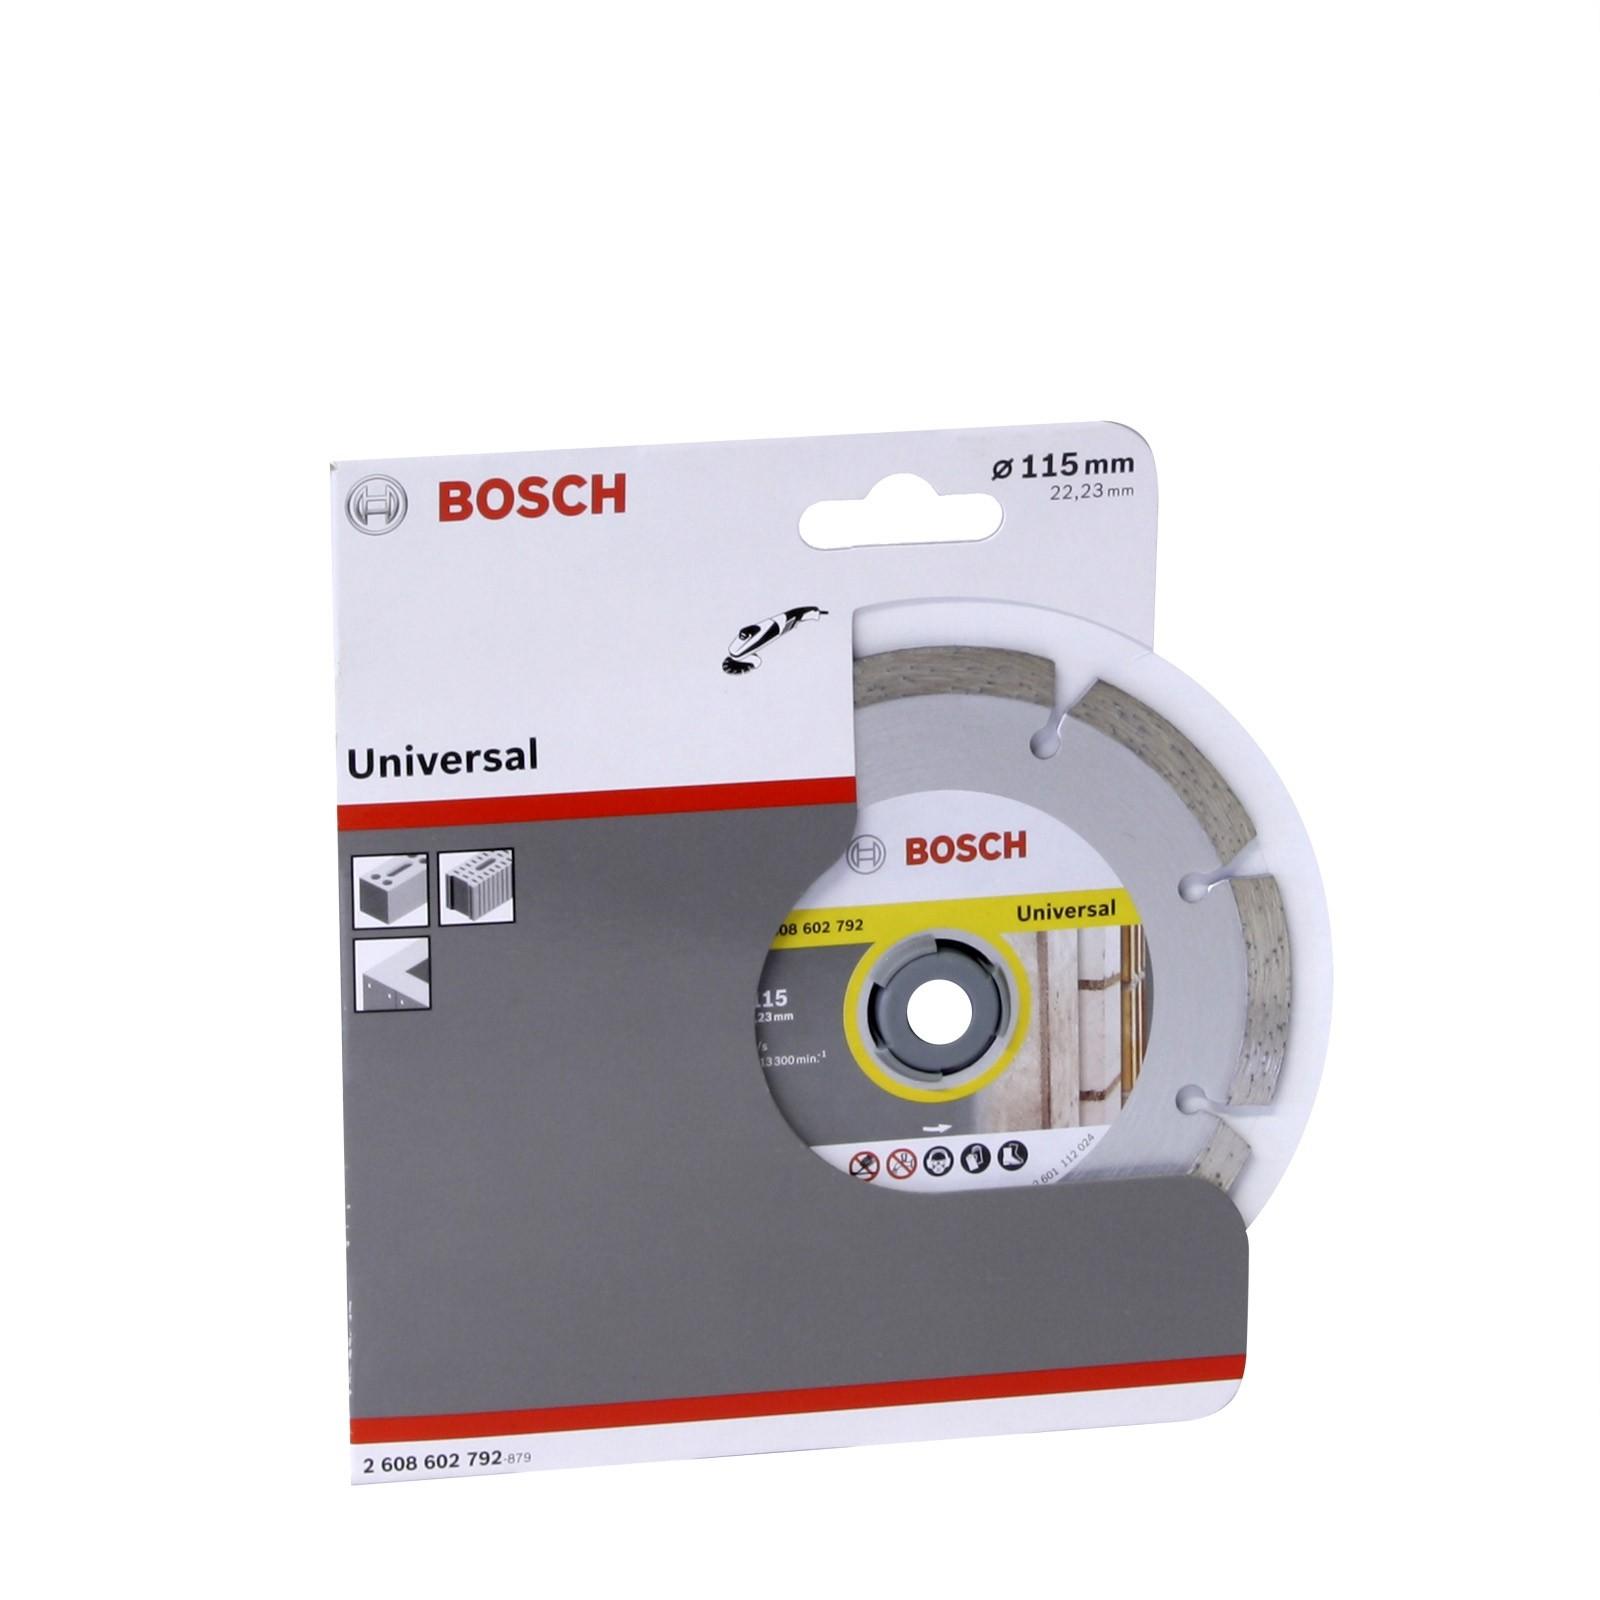 Bosch Diamanttrennscheibe Universal für Winkelschleifer 115 x 22, 23mm 12017